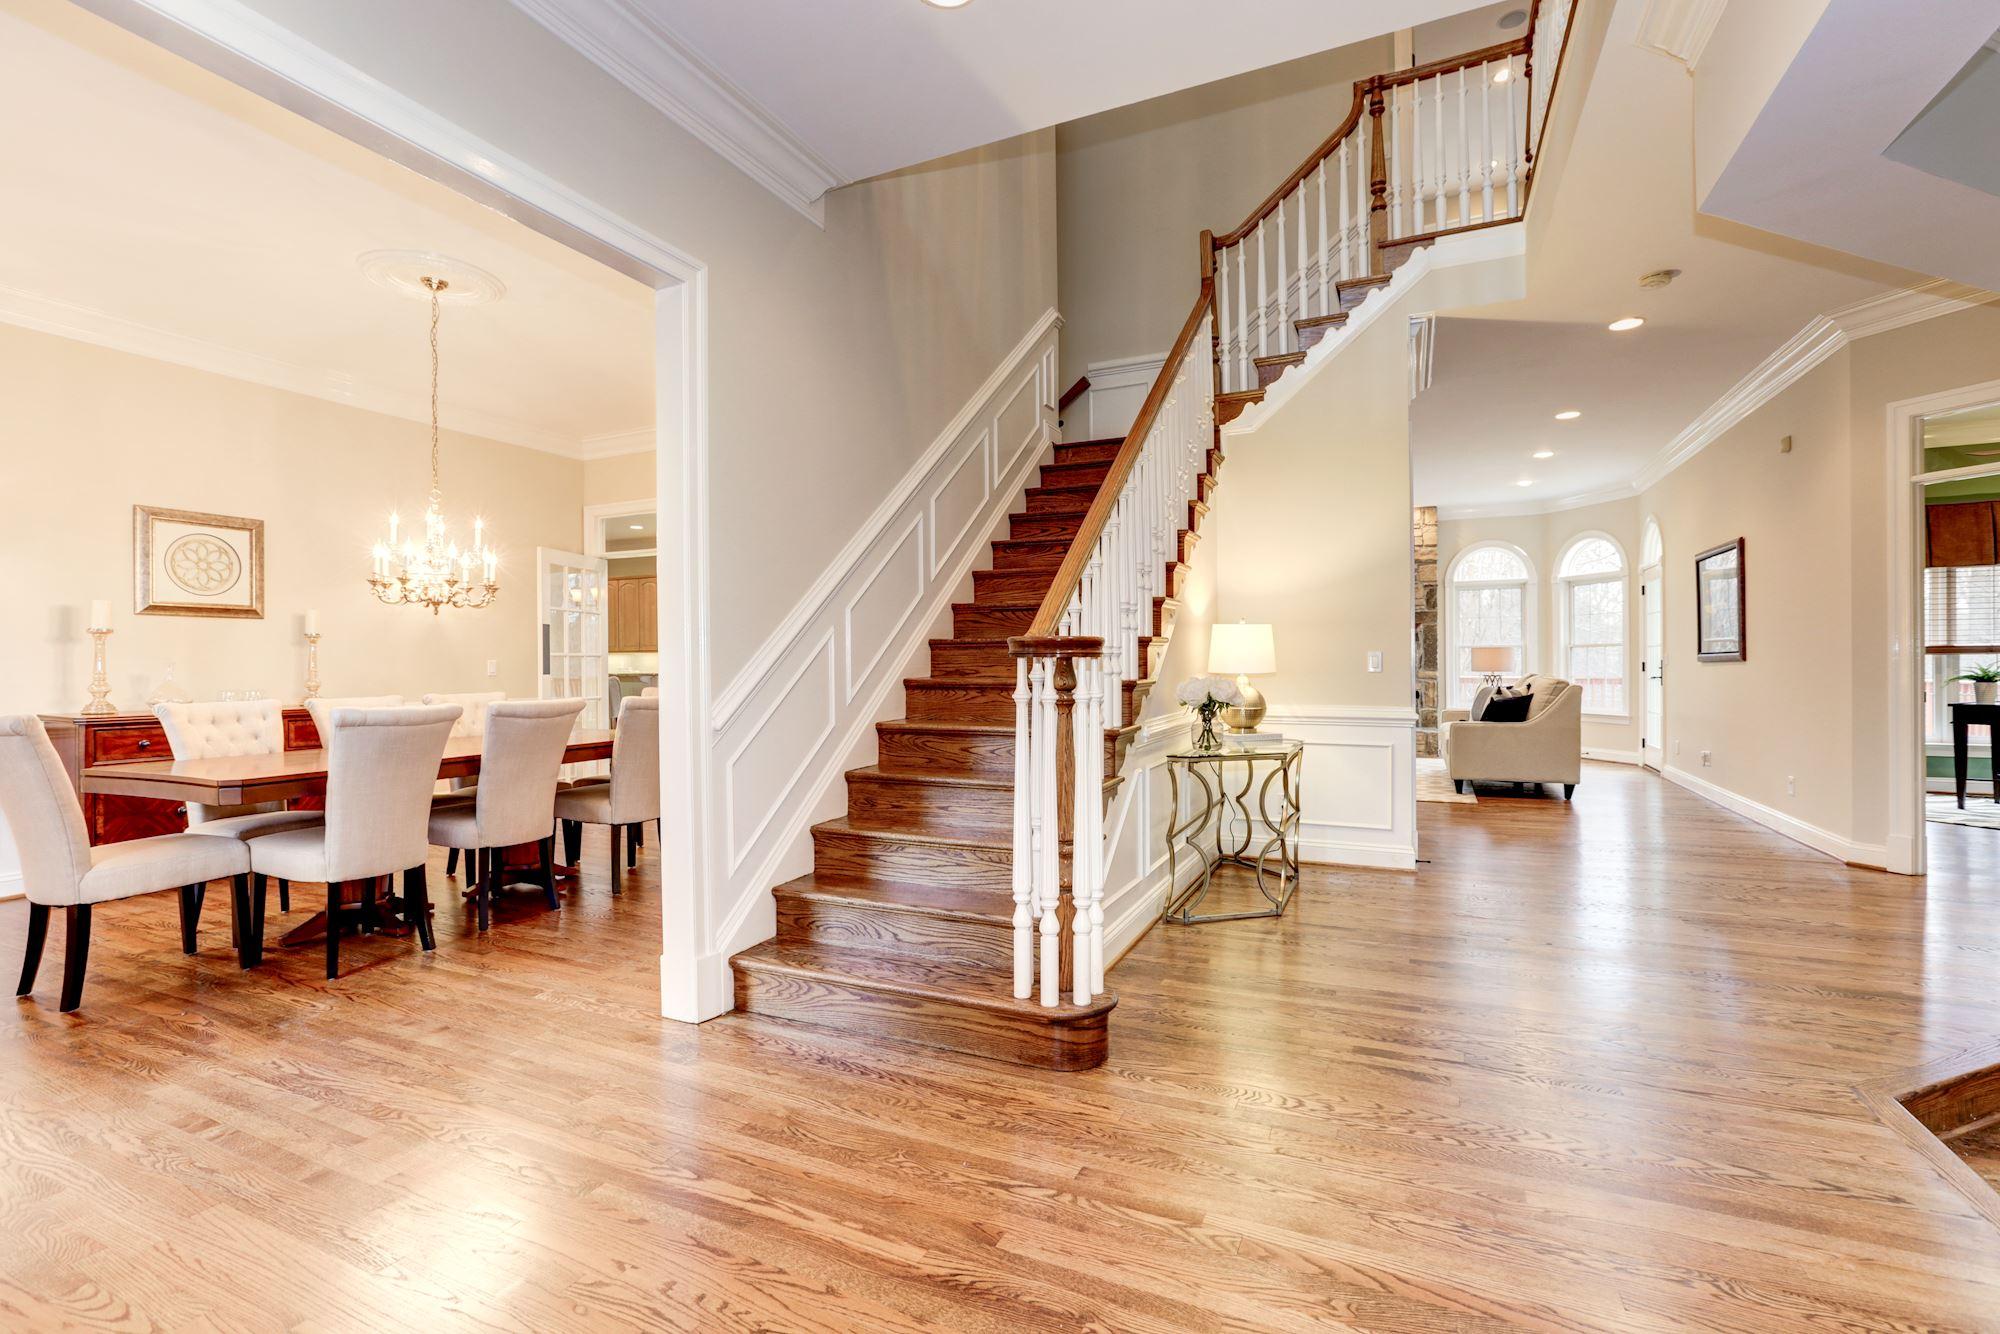 Bethesda Maryland Master Suite Remodeling: 8633 FENWAY RD, BETHESDA, MD 20817